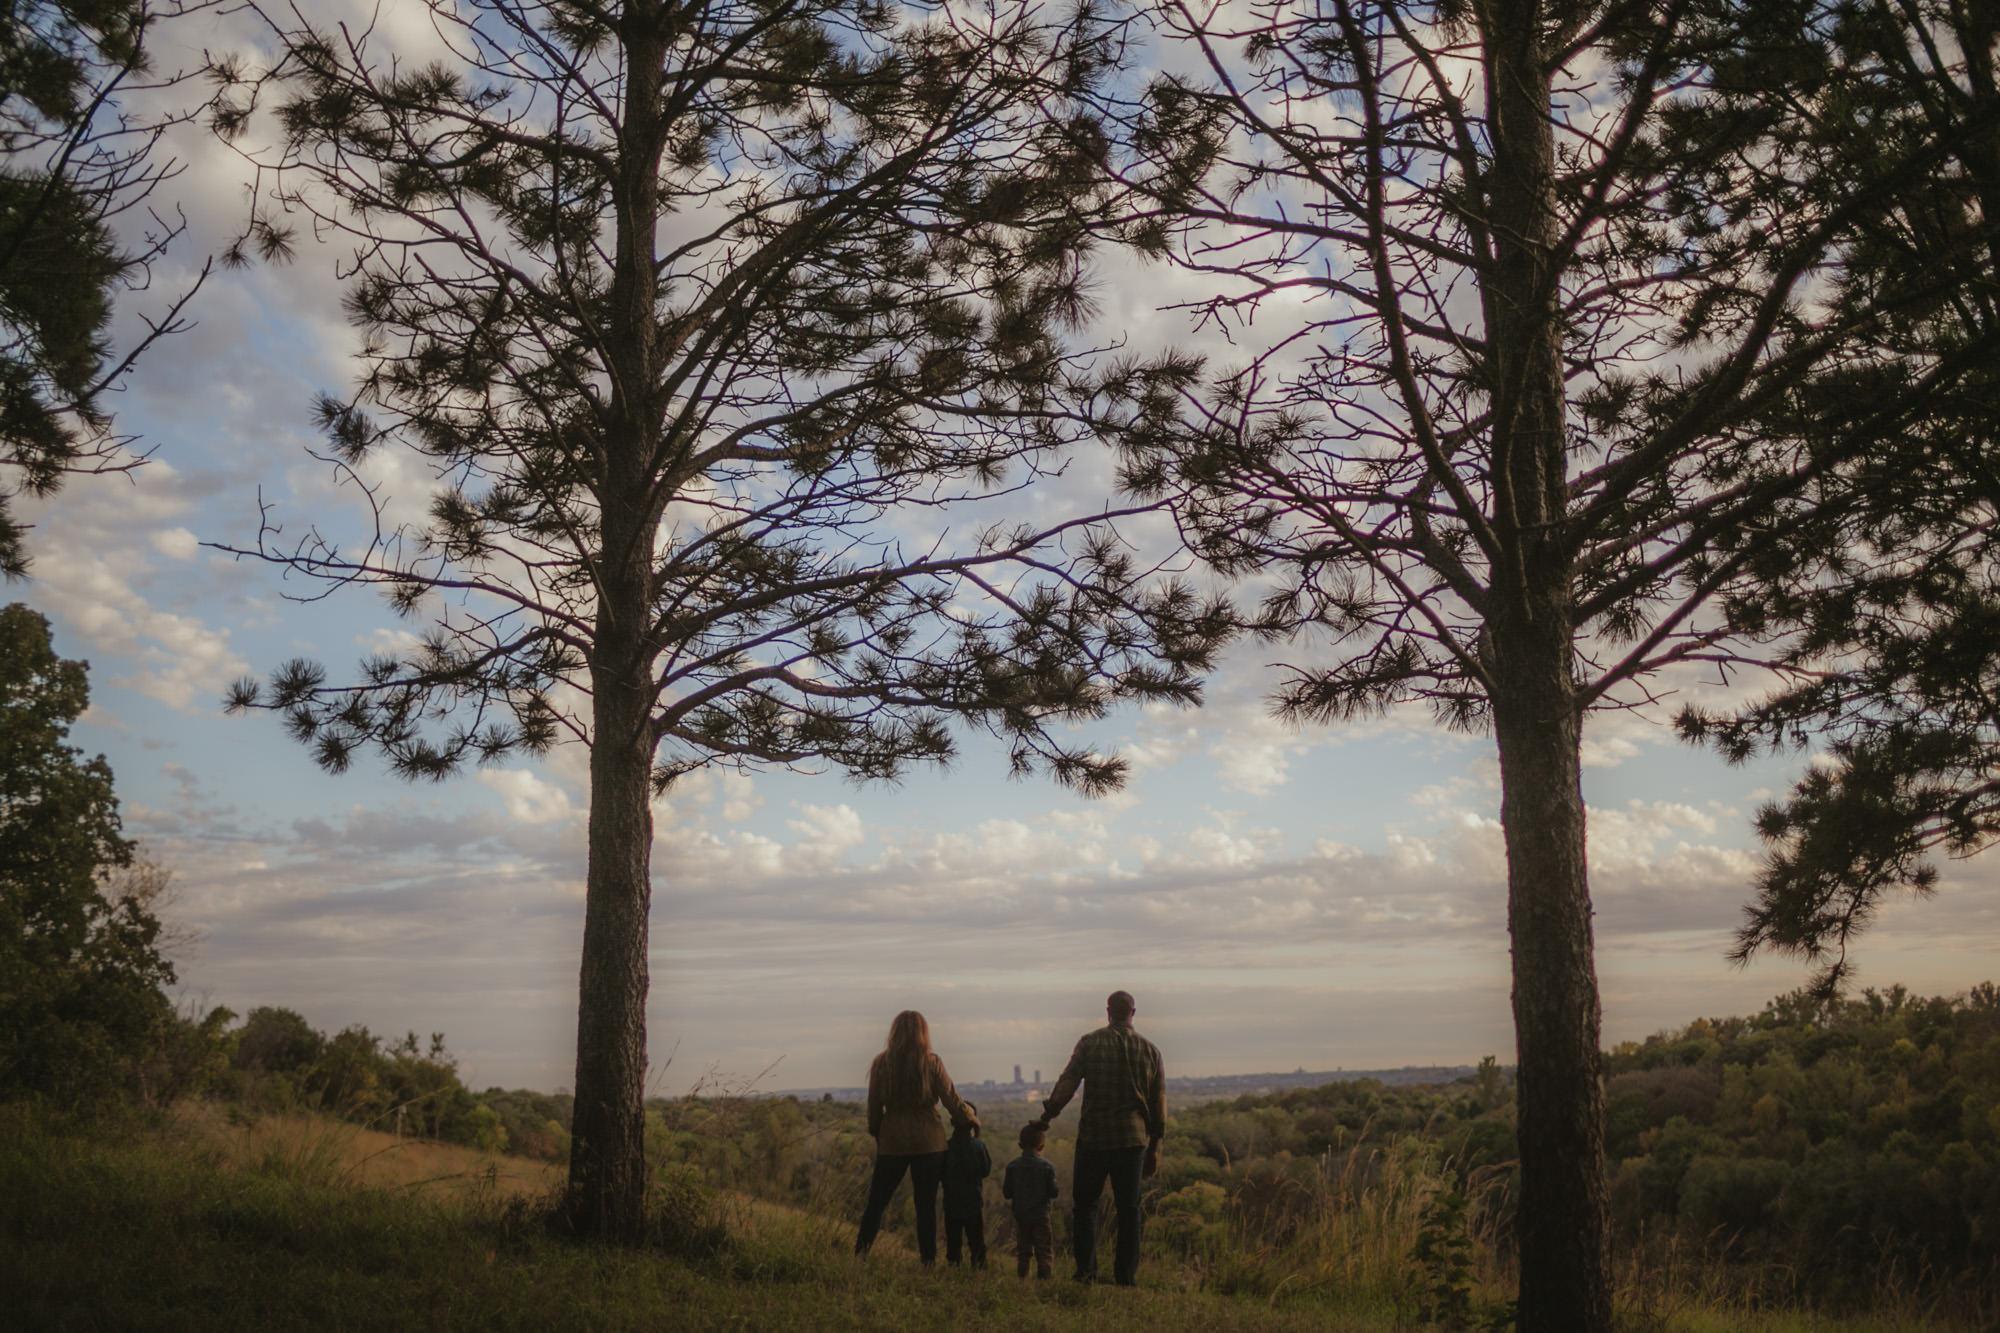 omaha-family-photographer-meadows-8.jpg